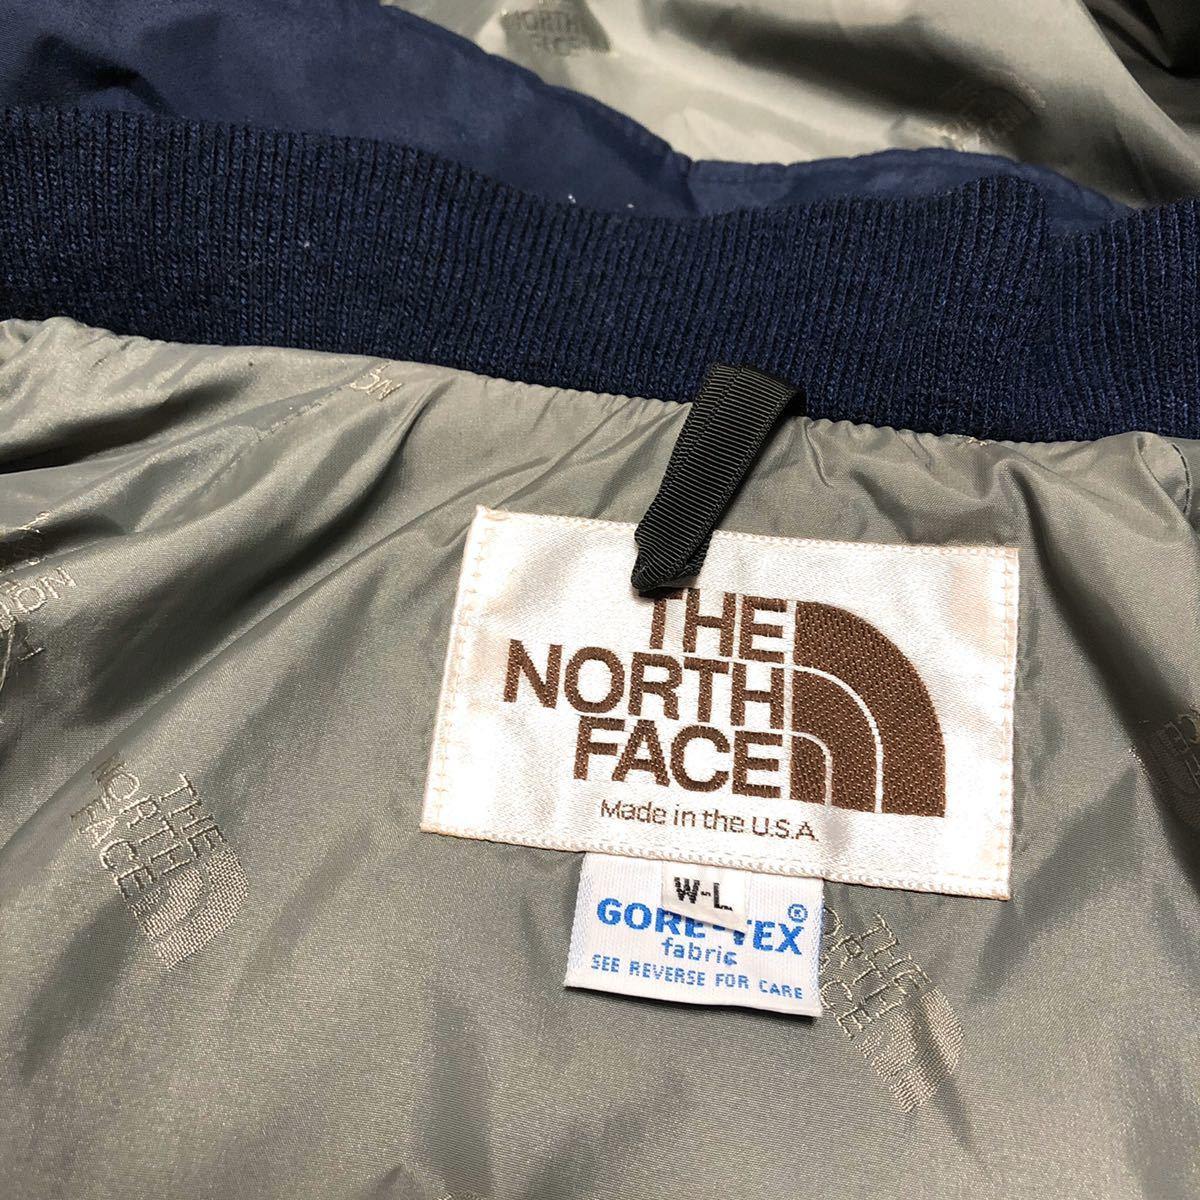 The North Face 茶タグ マウンテン パーカー ネイビー ゴアテックス GORE-TEX USA製 THE NORTH FACE マウンテンパーカー